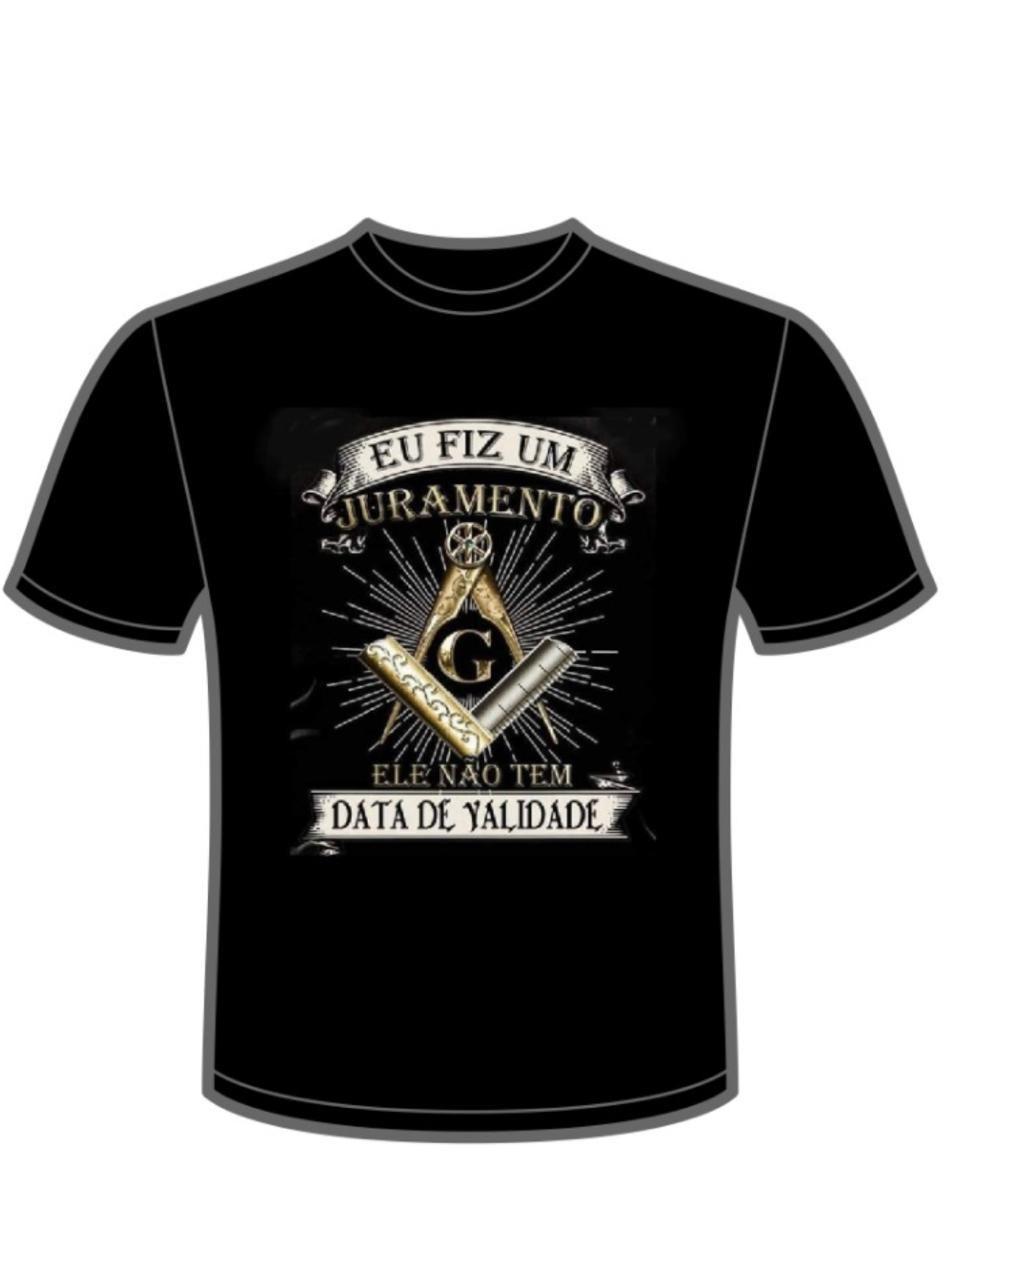 Camiseta Eu Fiz Juramento